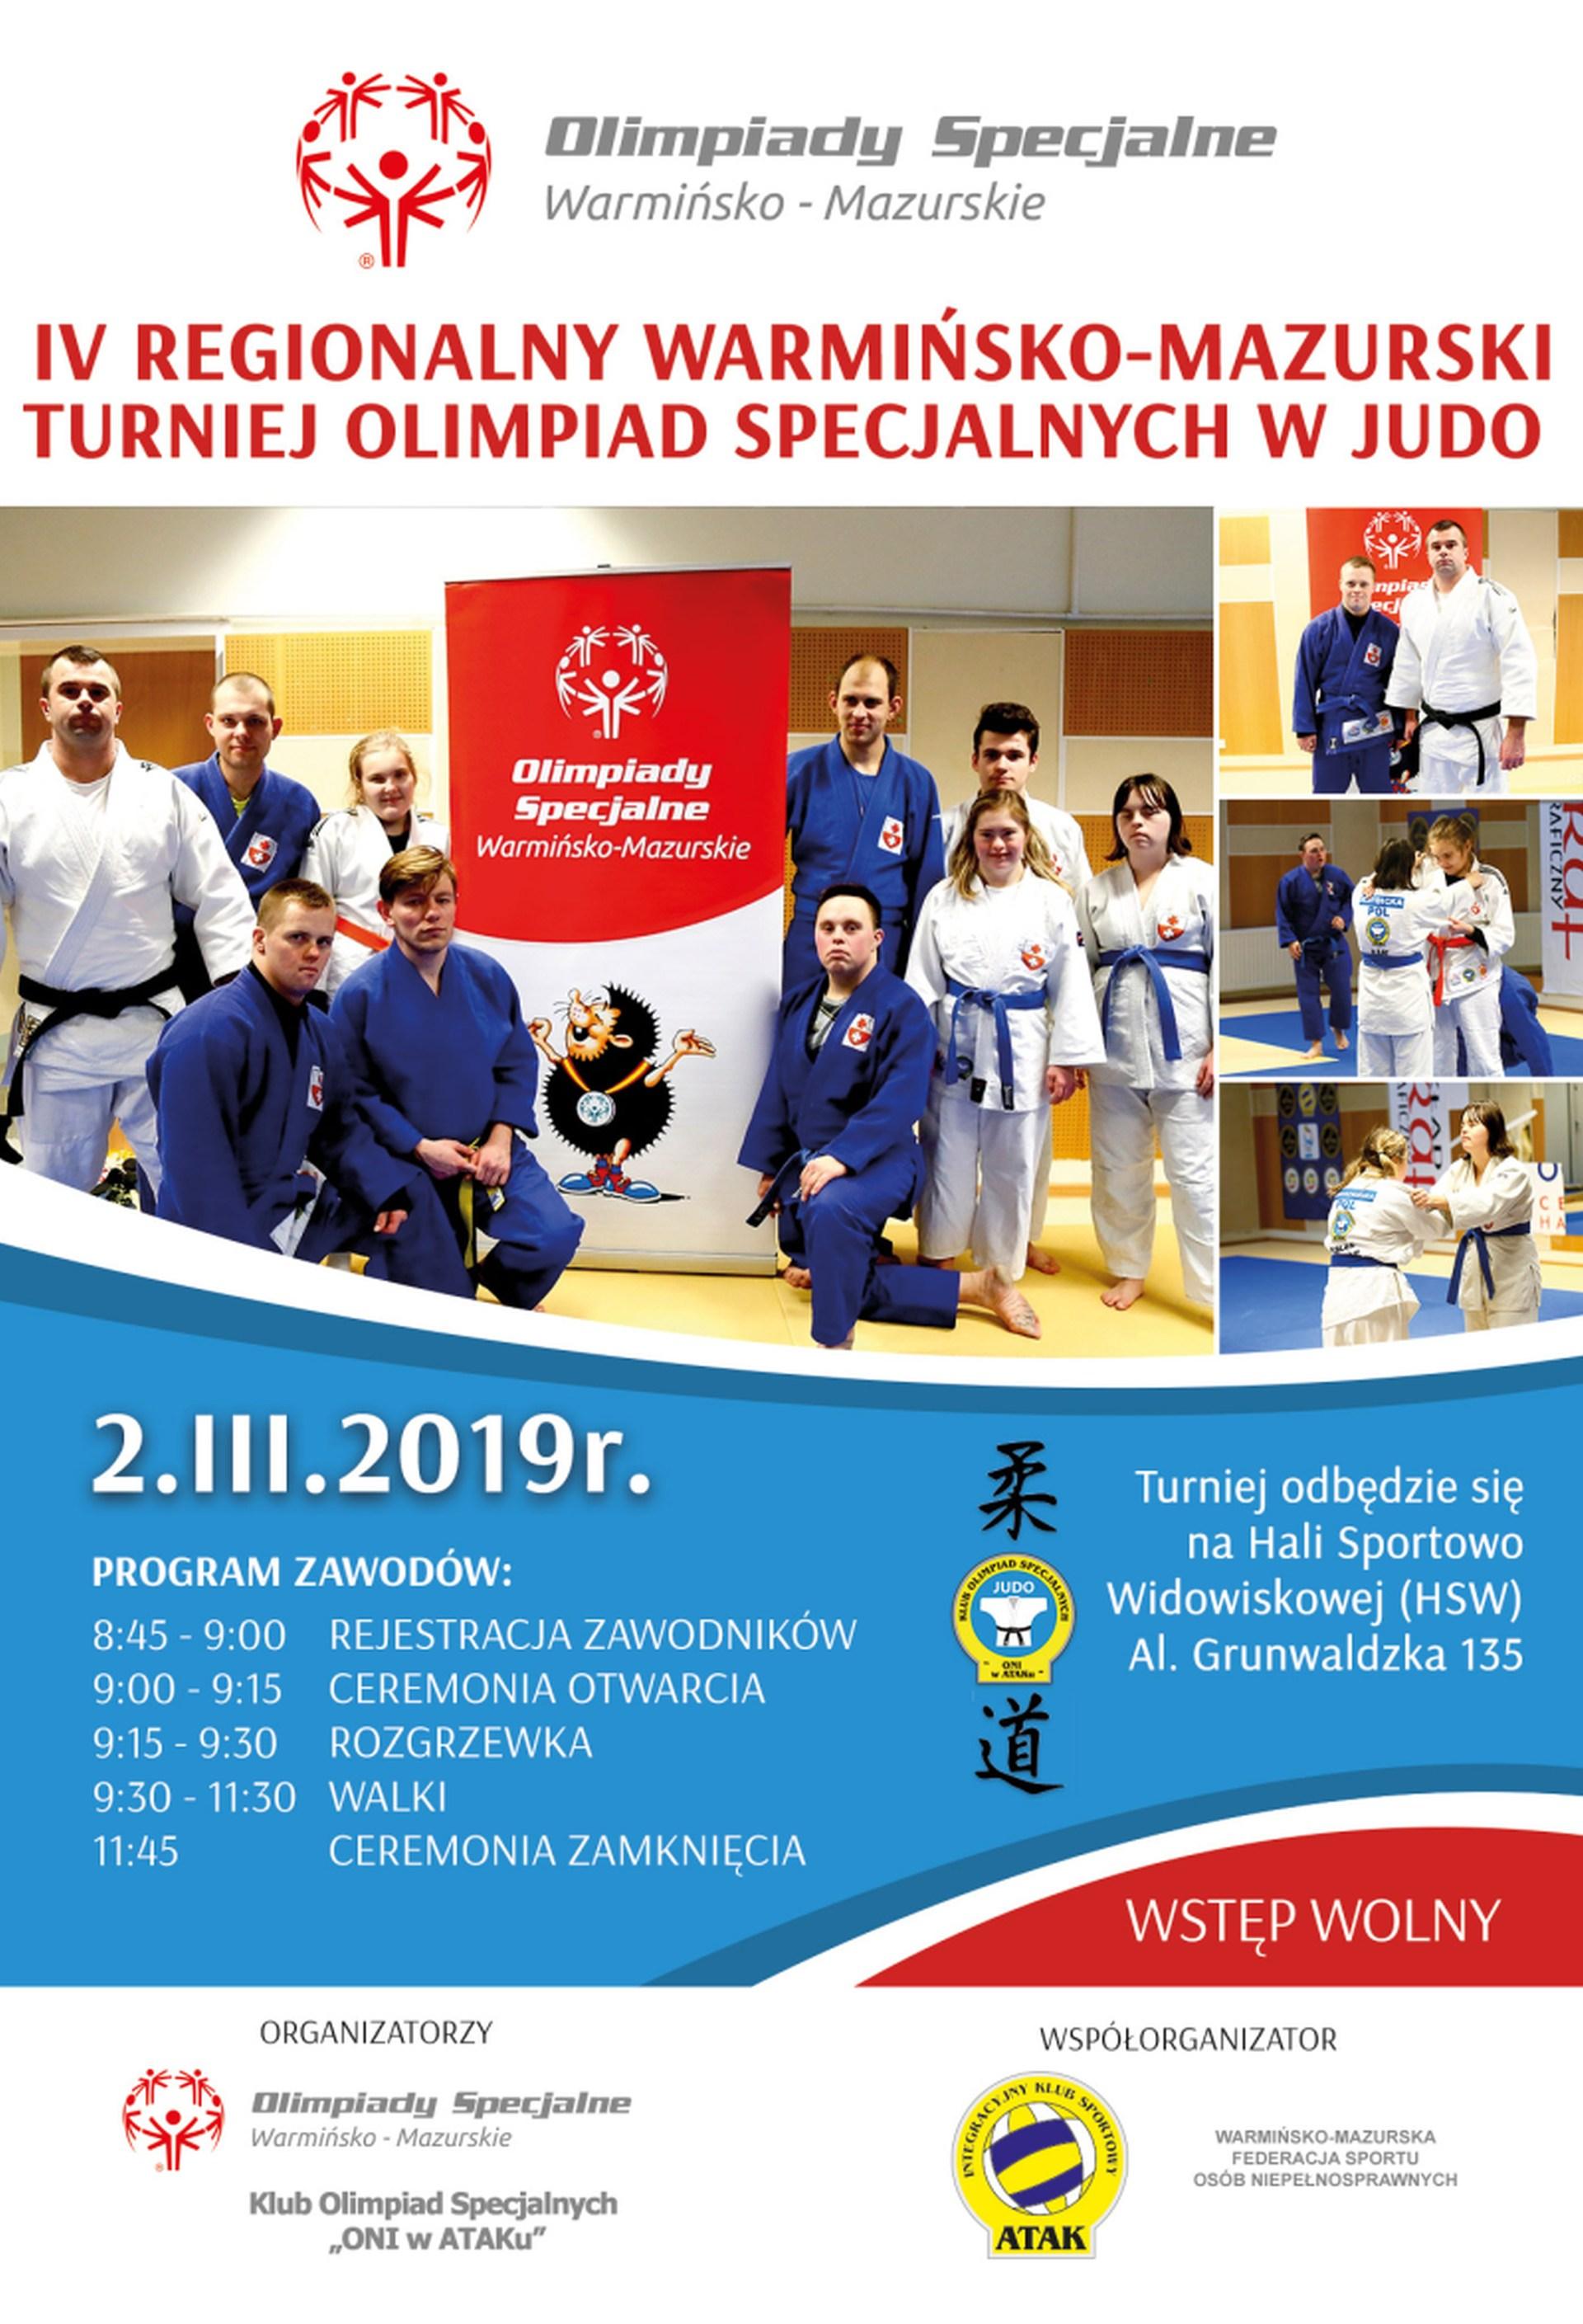 Olimpiady Specjalne Warmińsko-Mazurskie